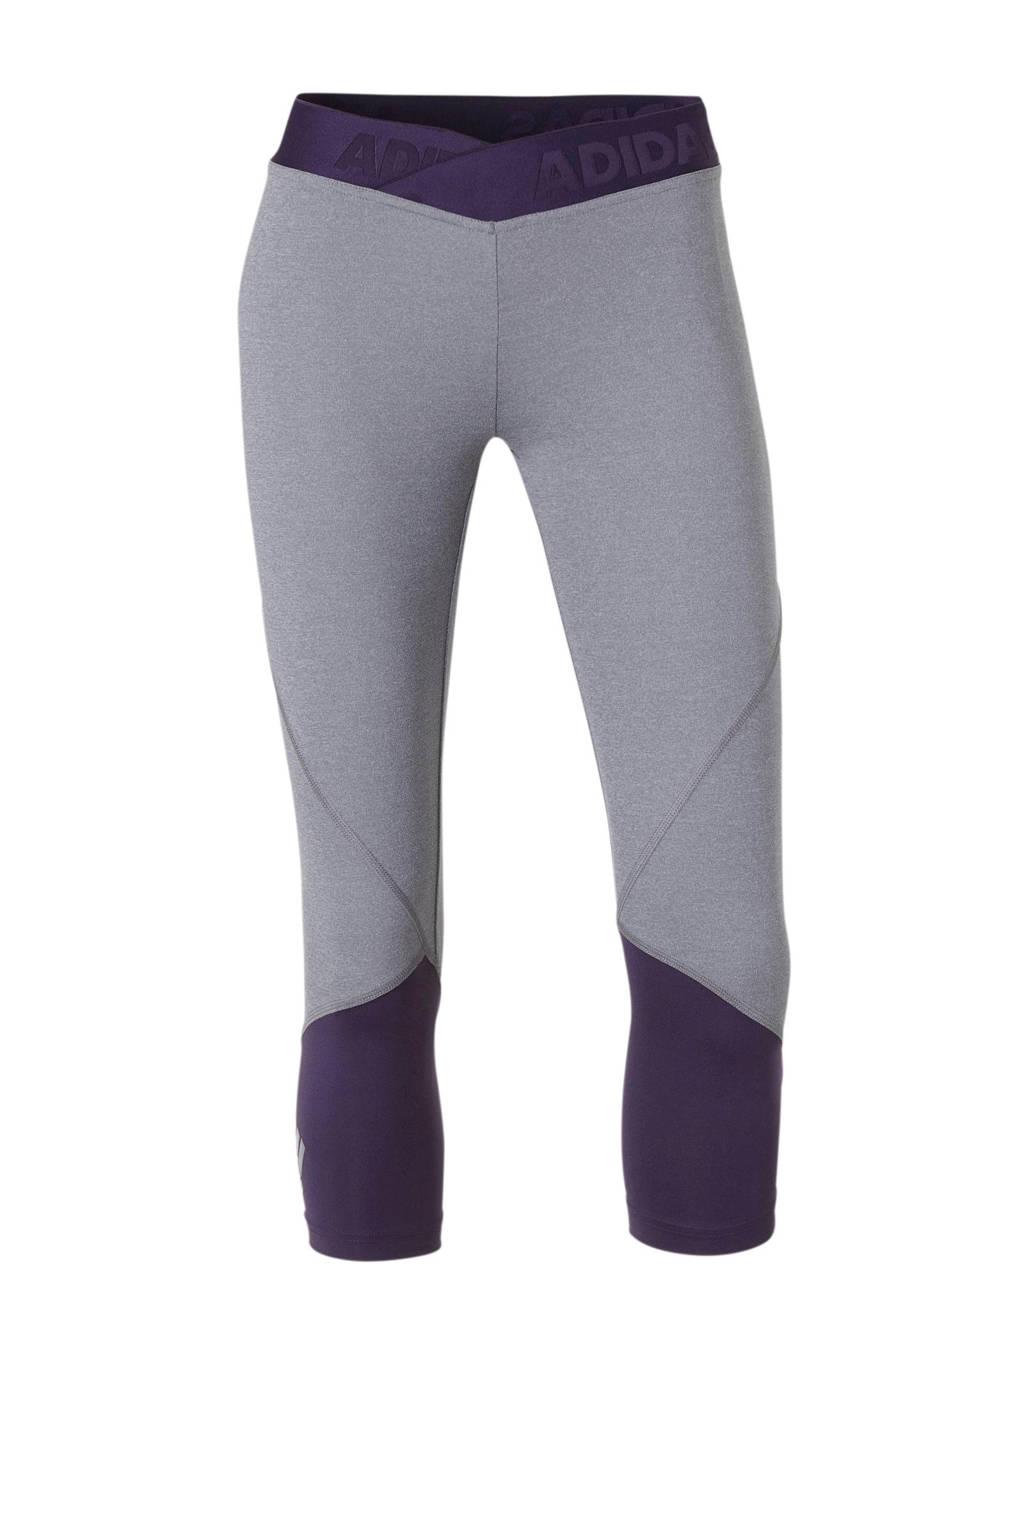 adidas performance sportcapri grijs/paars, Grijs/paars